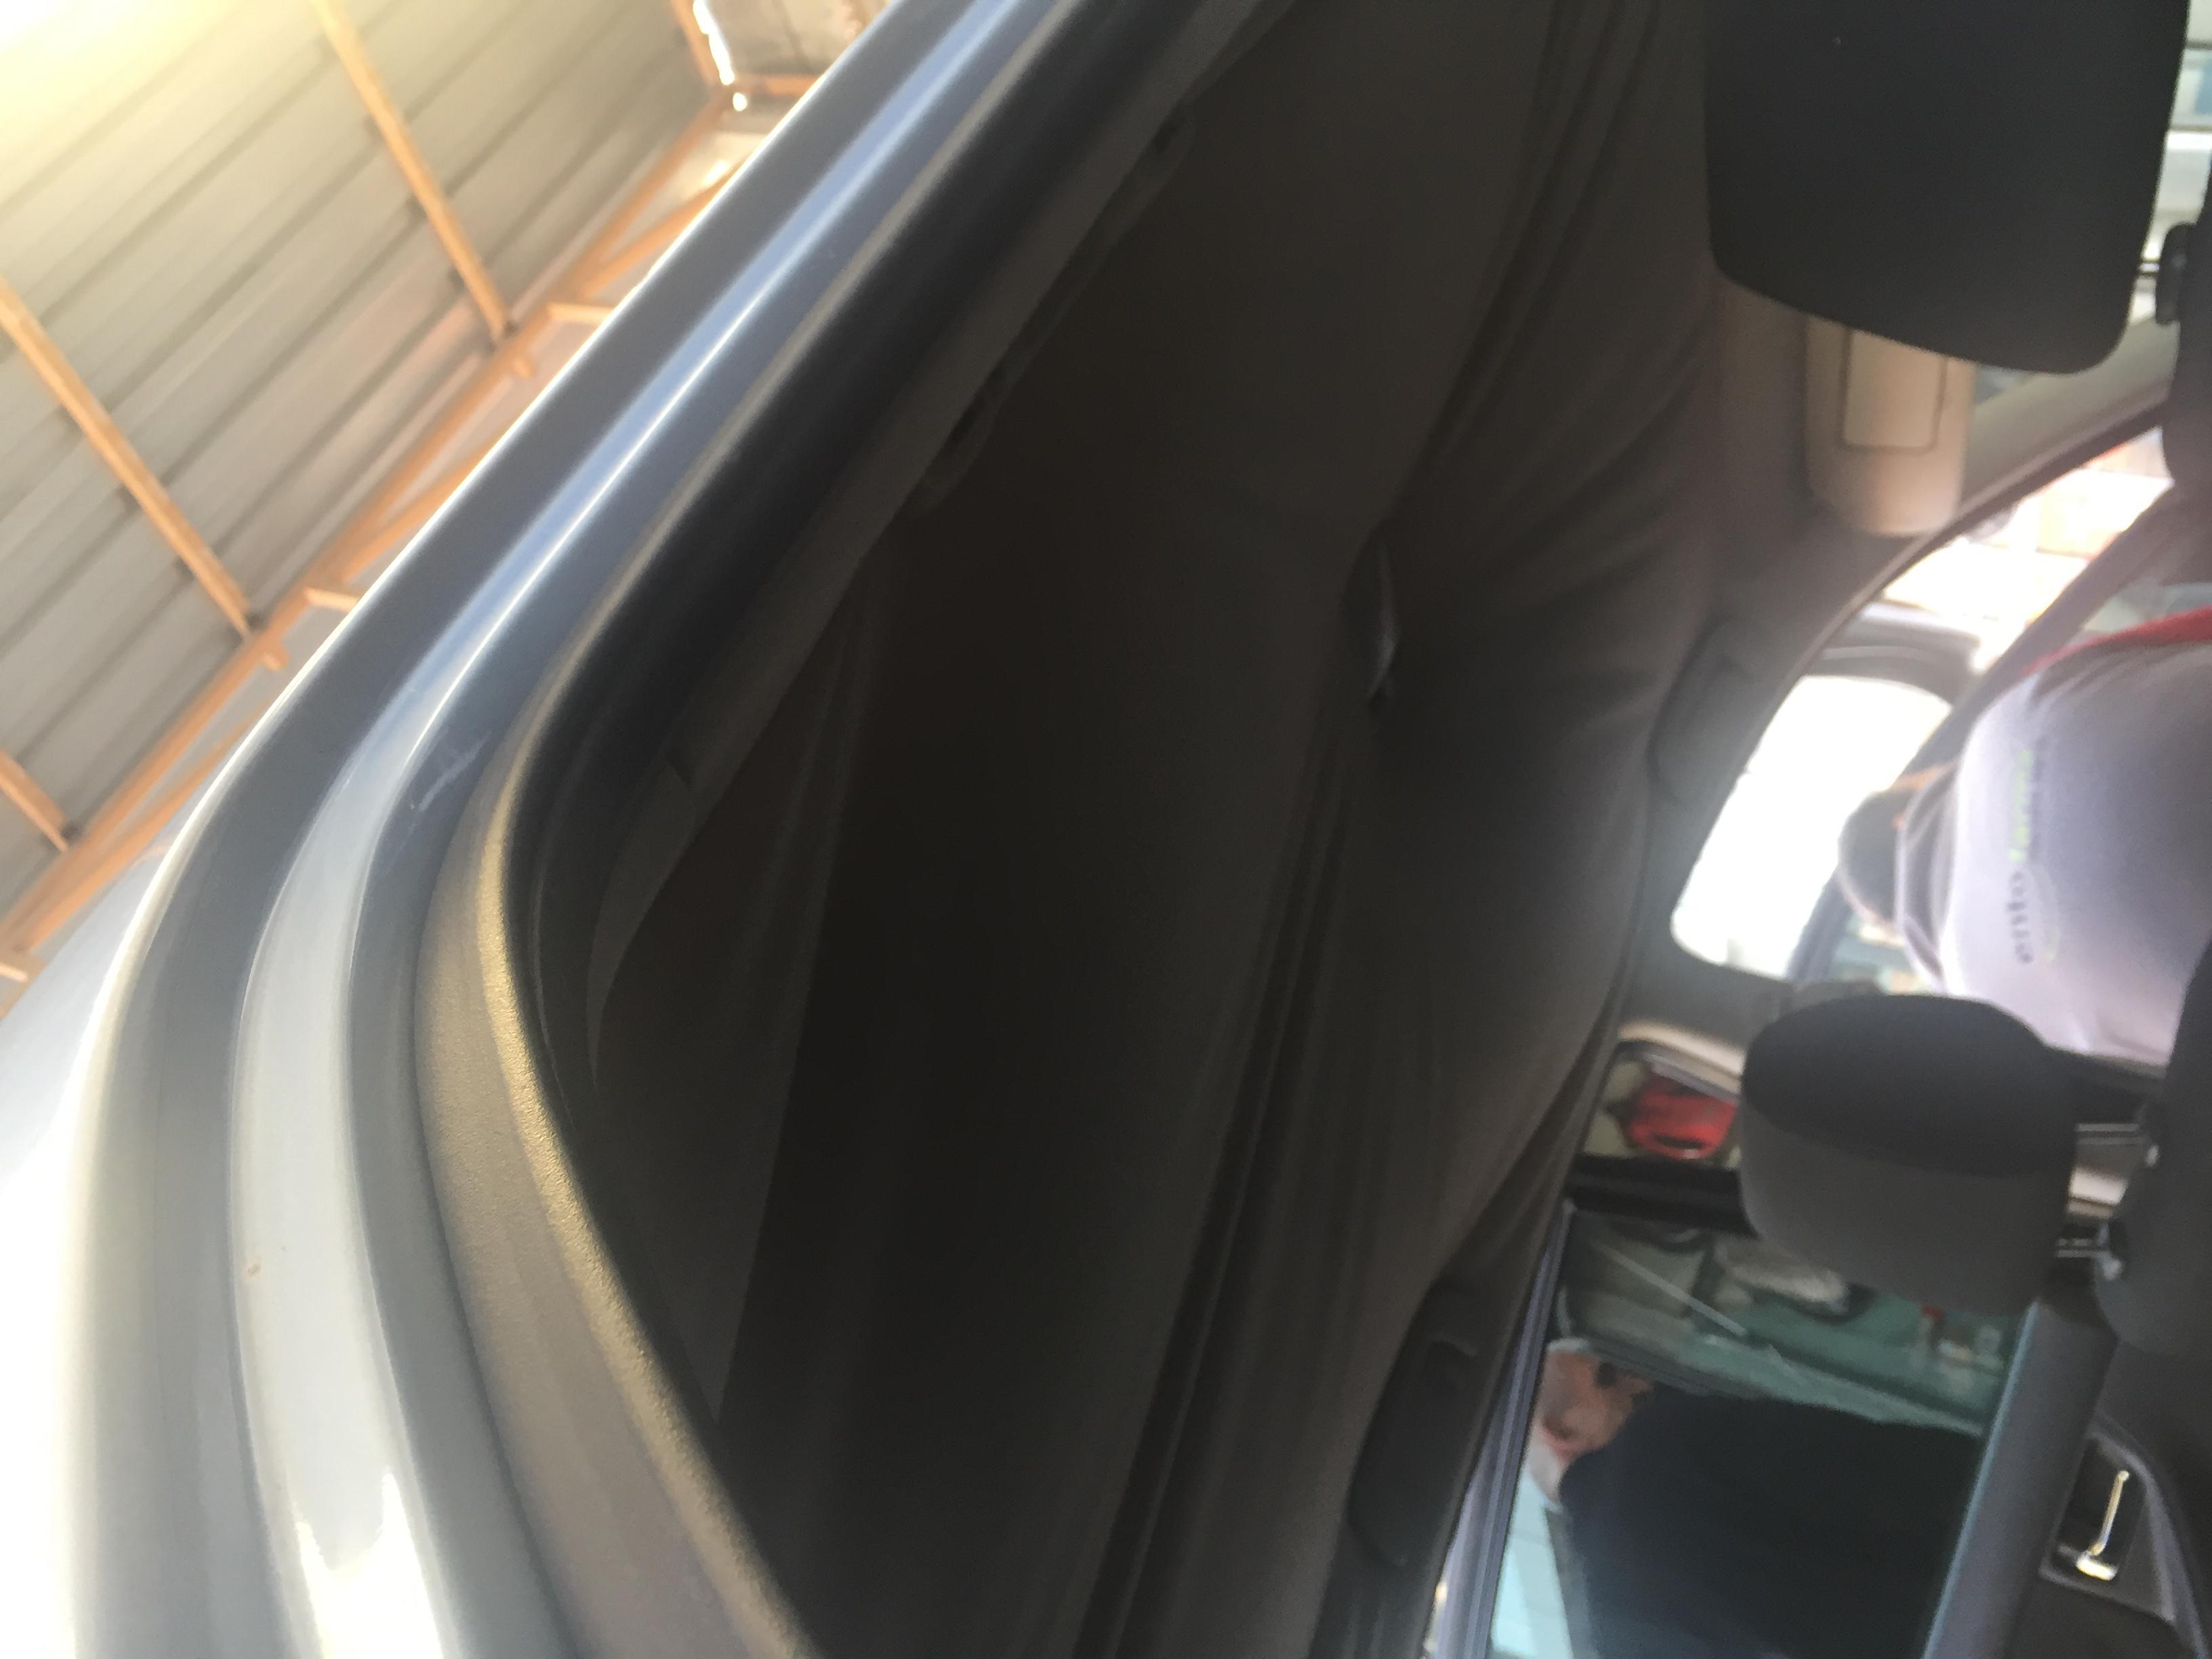 Toyota corolla tavan döşemesi değişimi